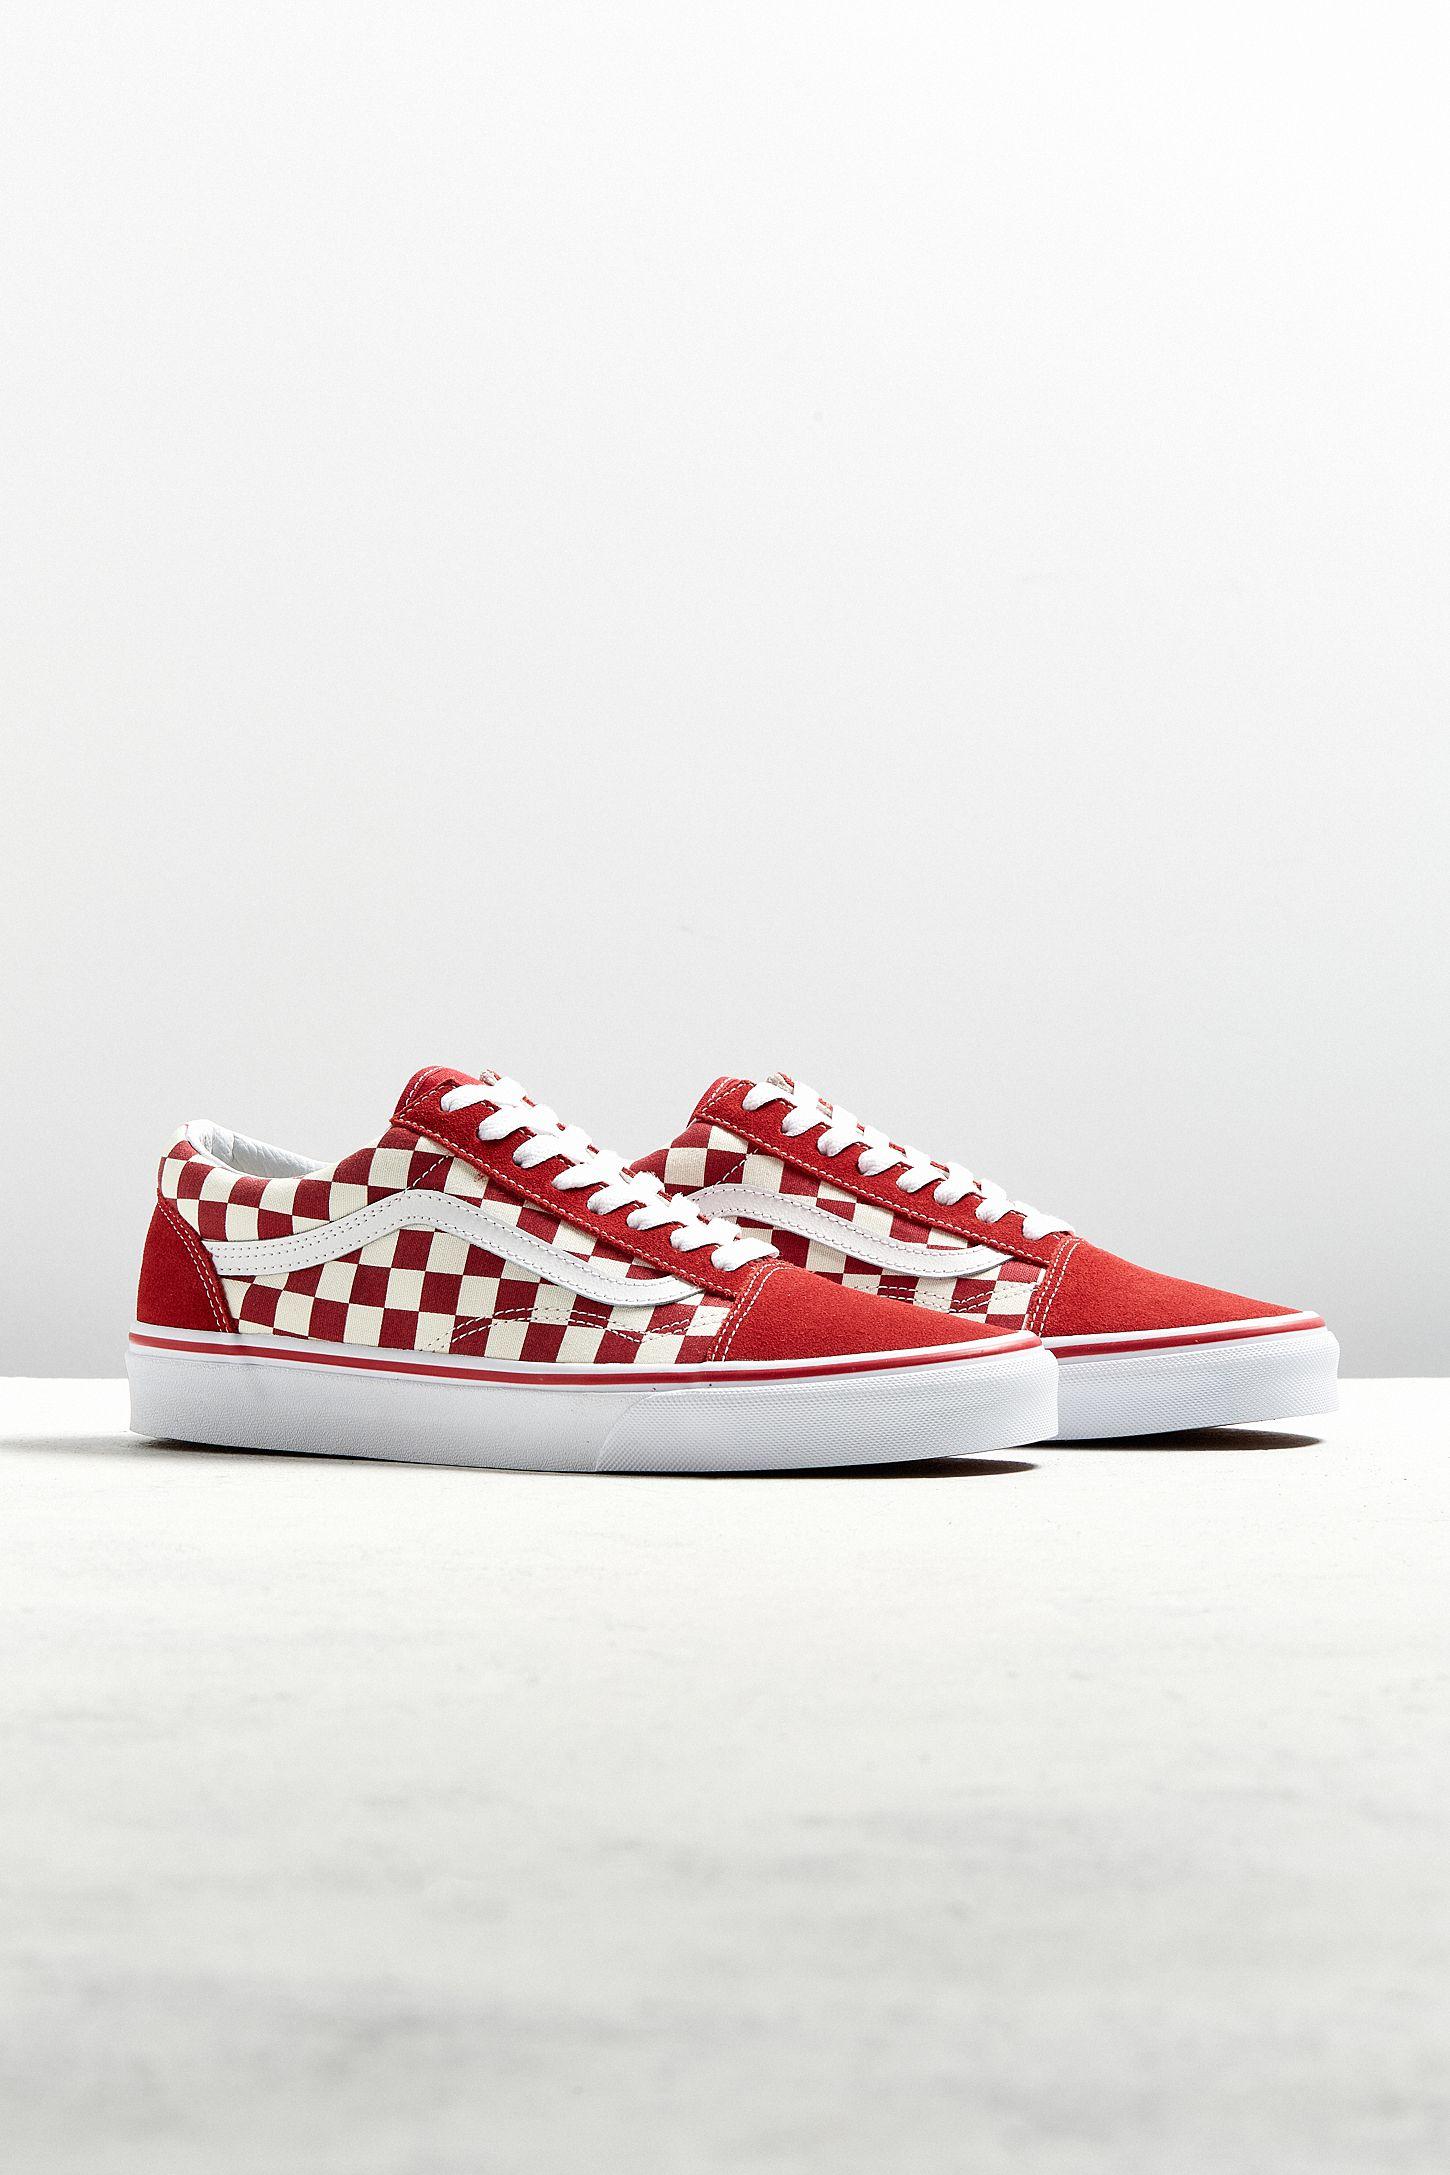 4b74342e46 Vans Old Skool Racing Red Checkerboard Sneaker